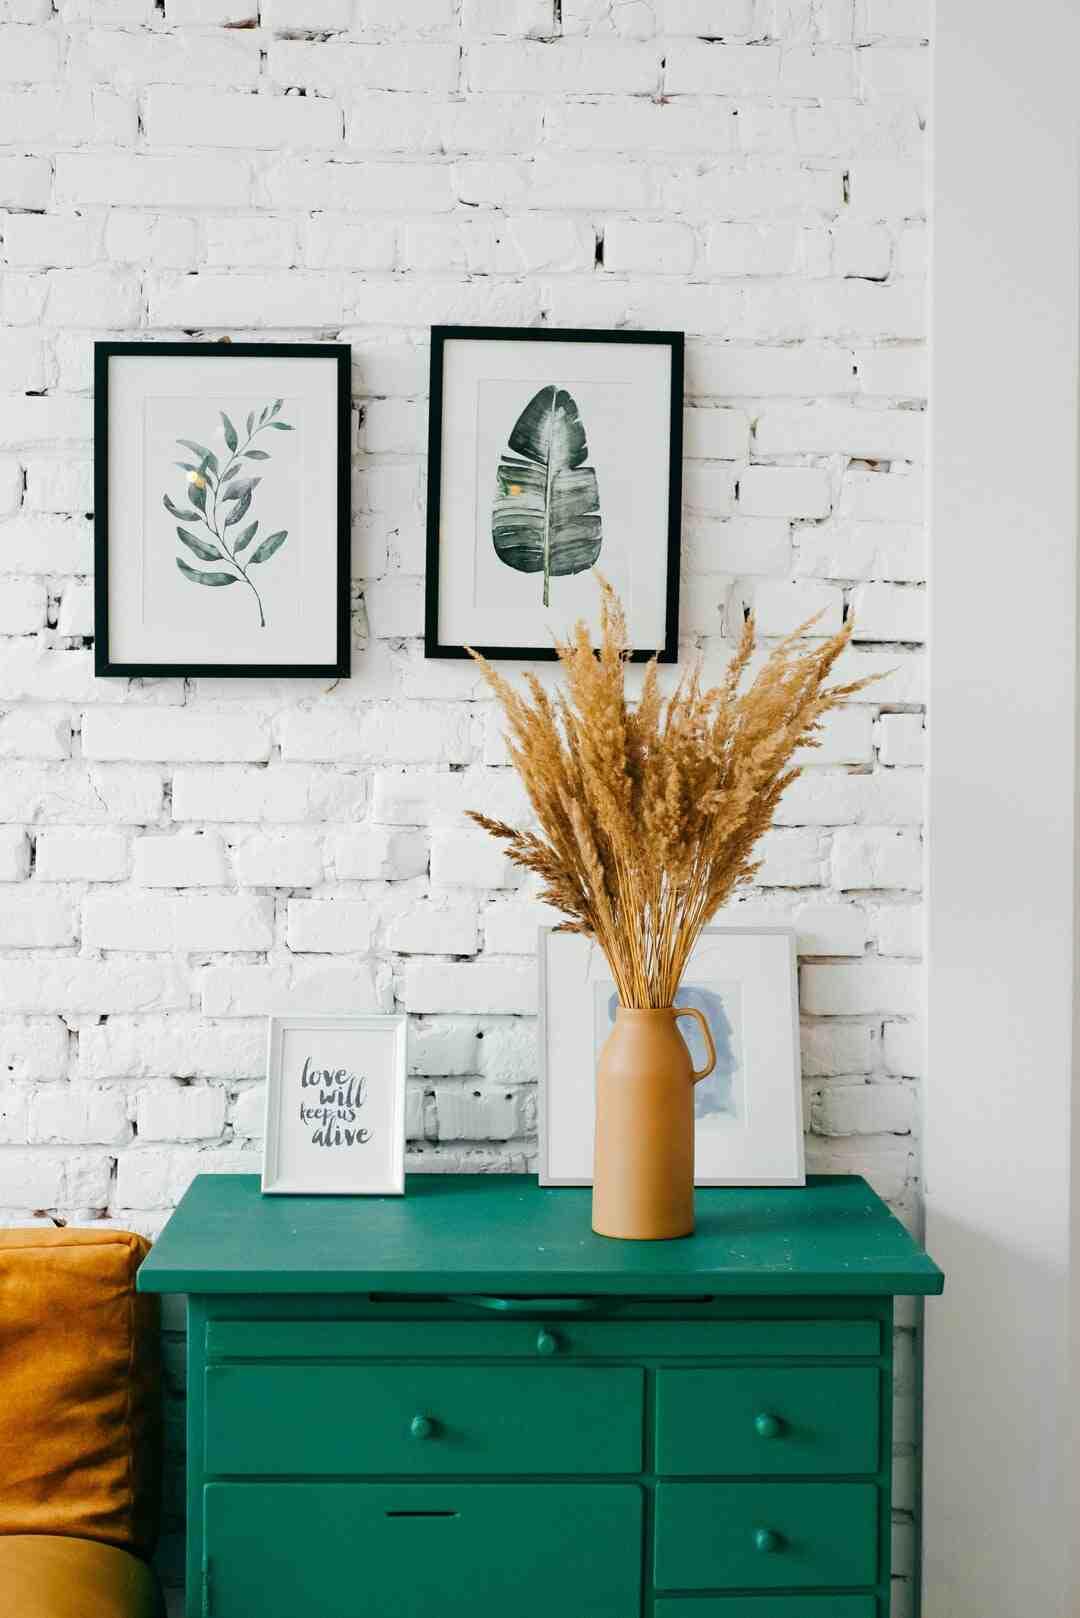 Quelle peinture pour repeindre un meuble en bois sans poncer ?